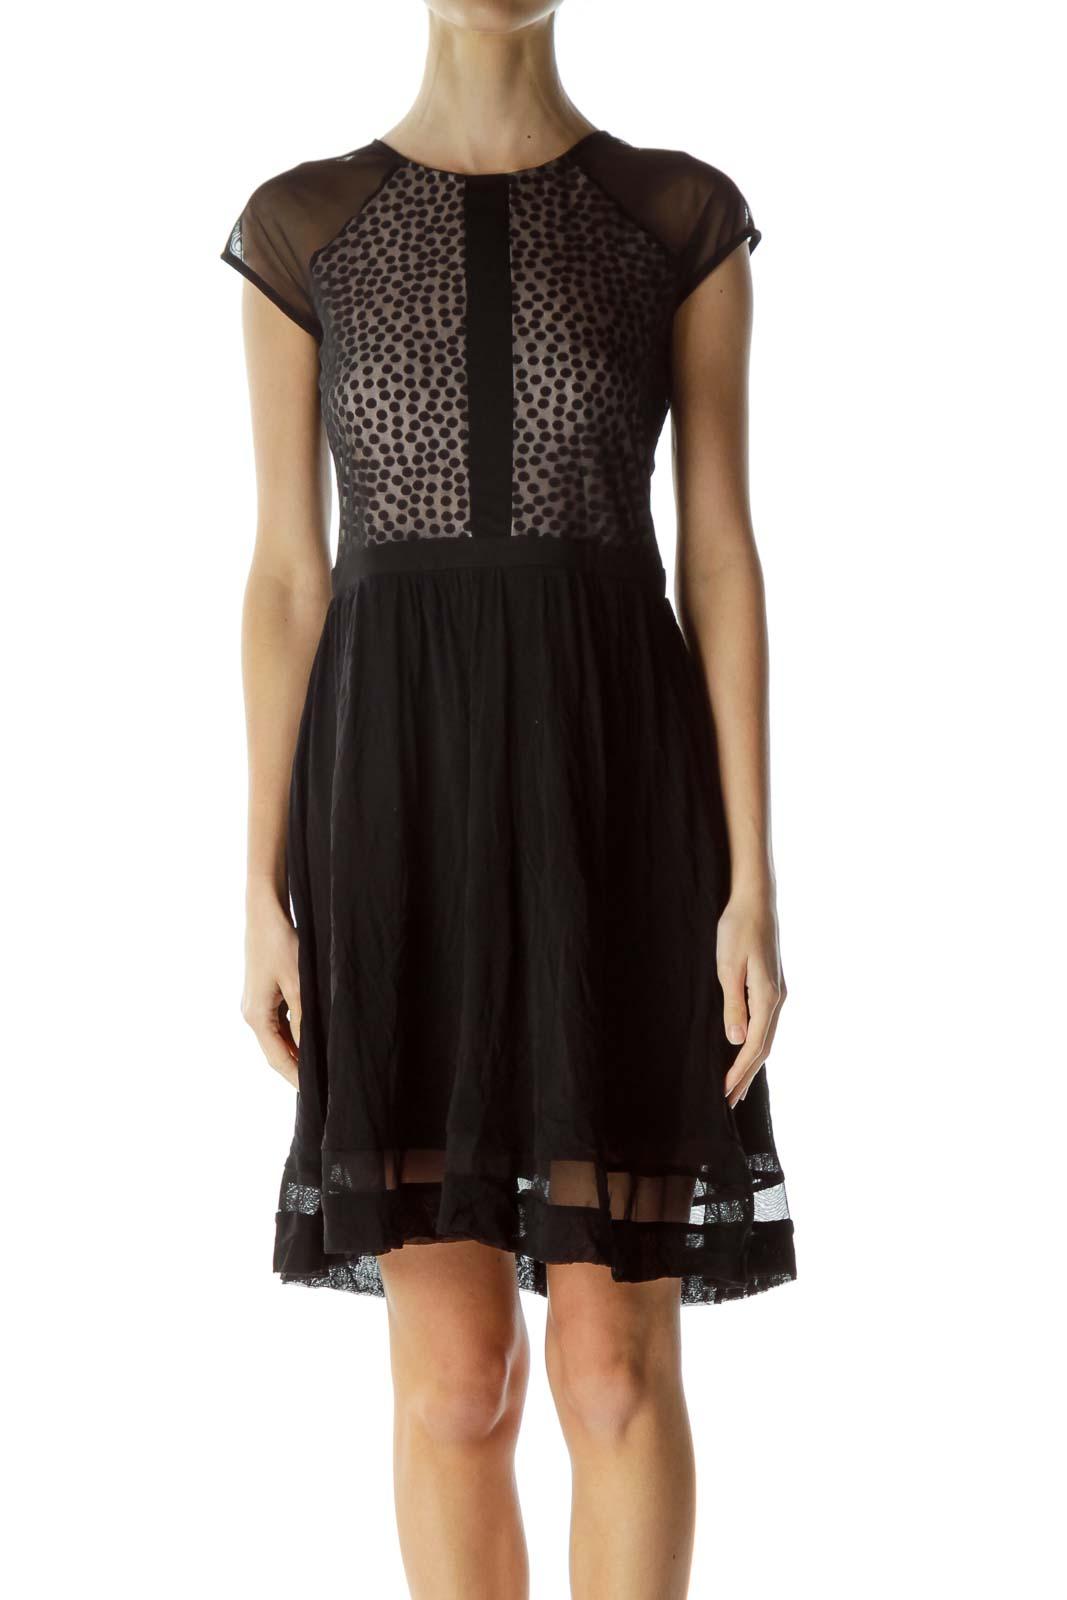 Black Beige Sheer Polka Dot Cocktail Dress Front